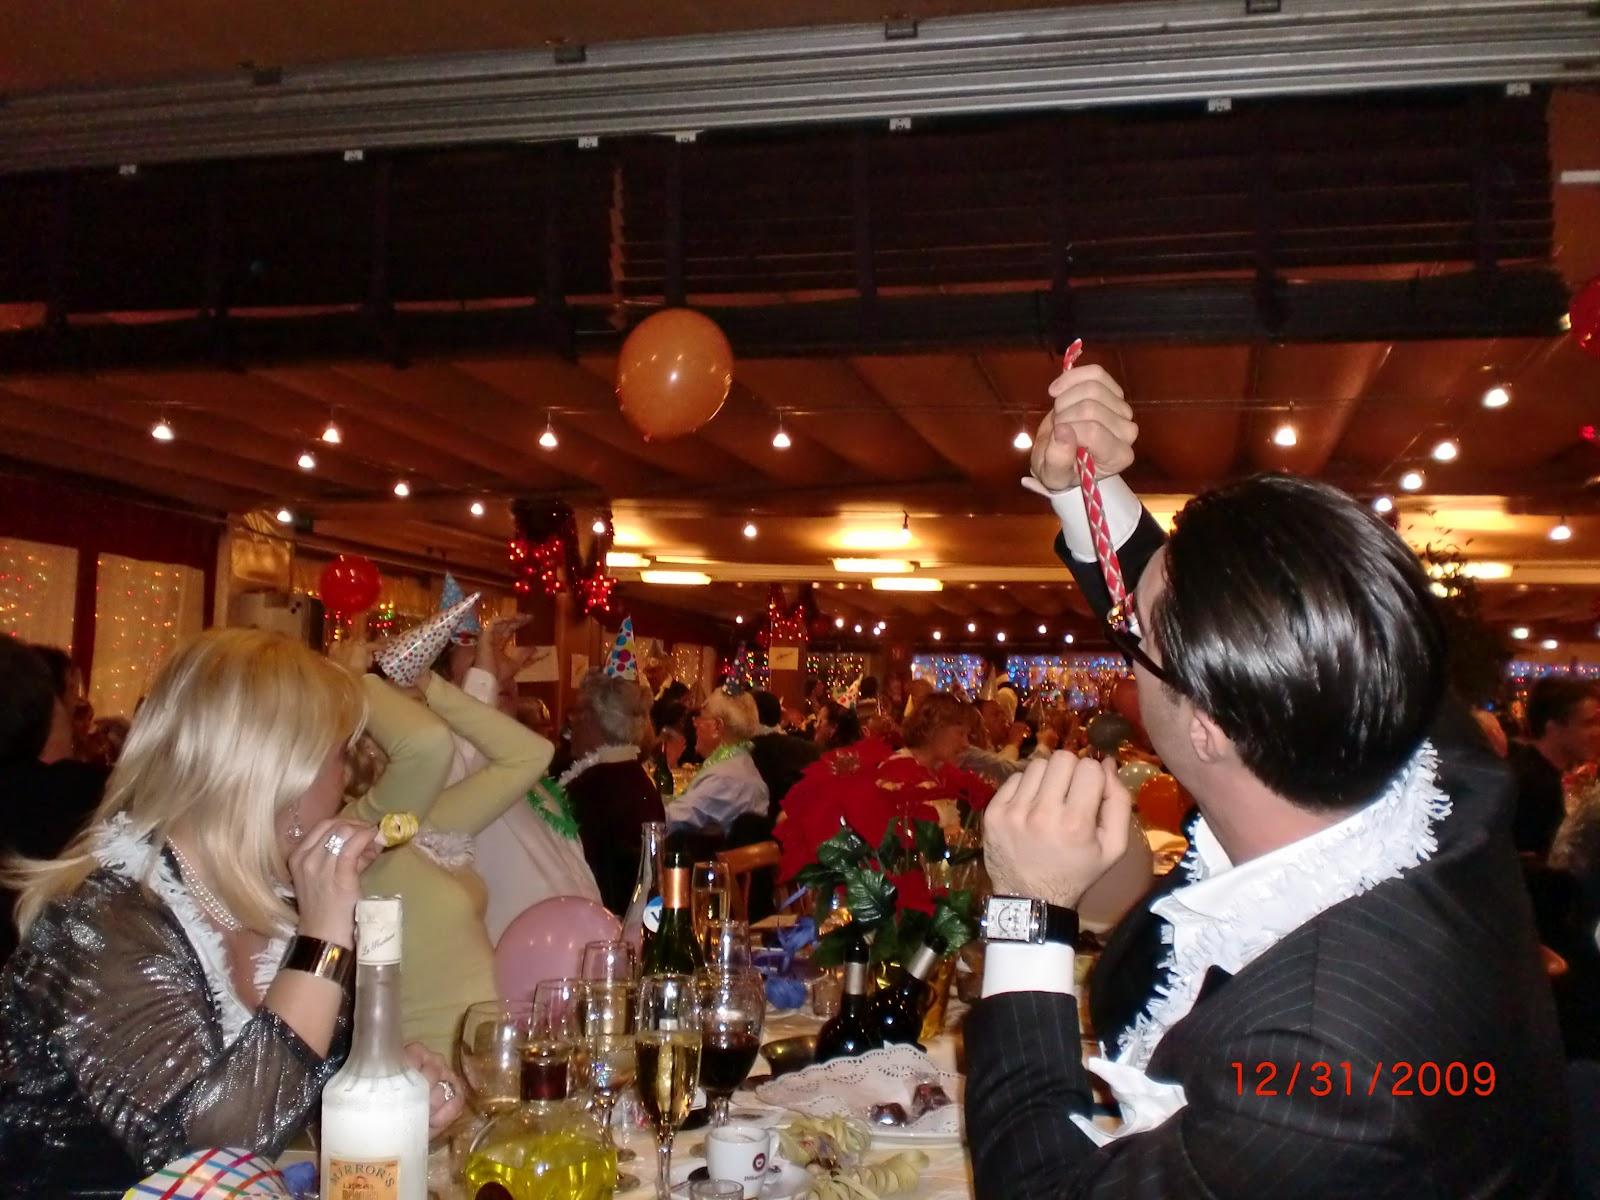 http://4.bp.blogspot.com/-TN9rZVZGUBs/T1l7ioLNOoI/AAAAAAAAAzs/SoHjrXklGRw/s1600/A+restaurant+at+Port+Ol%C3%ADmpic+on+New+Year%27s+Eve.jpg